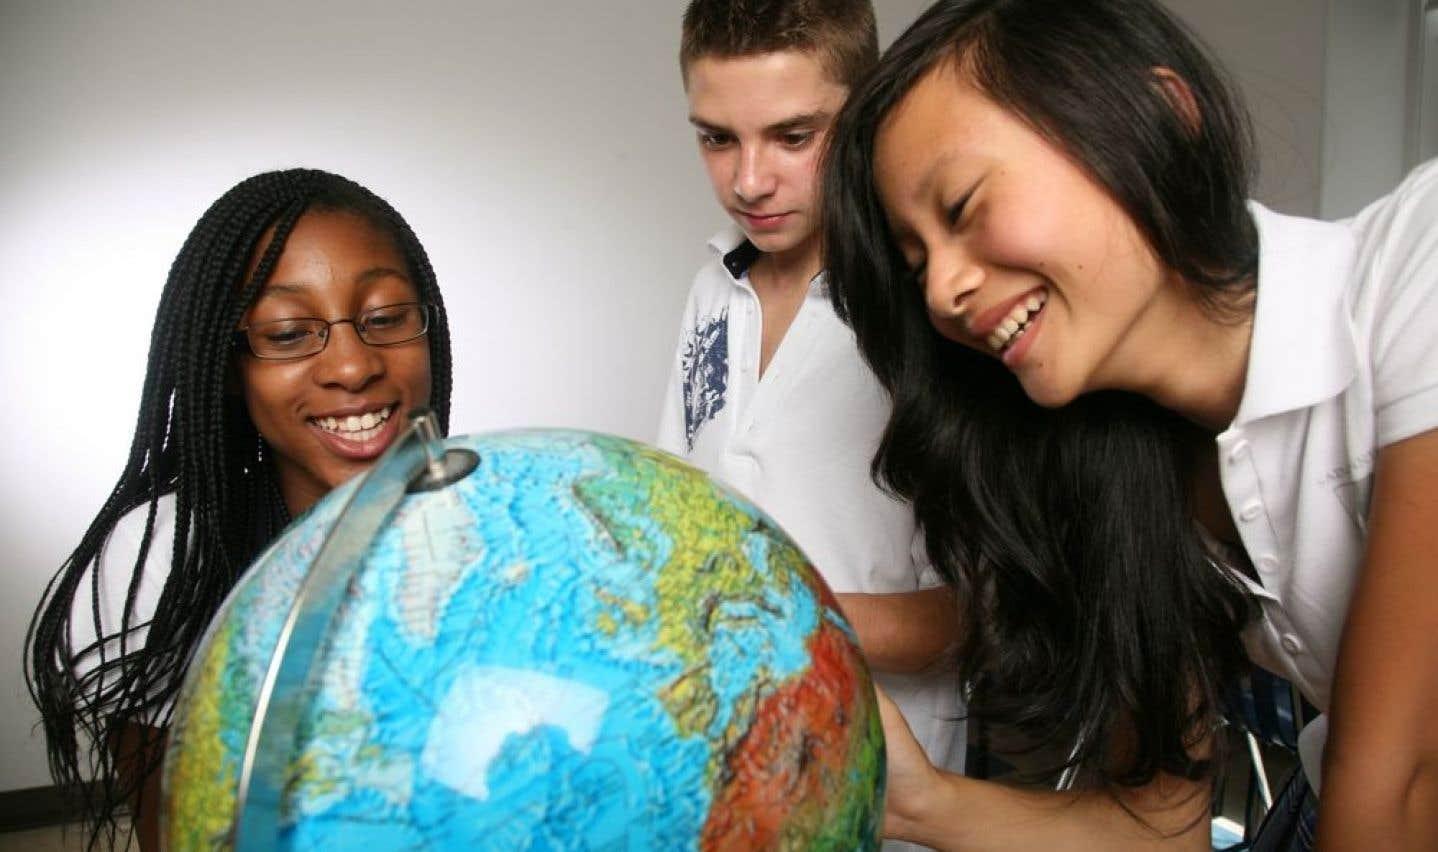 Le FAQDD a financé, de 2001 à 2003, le projet La Terre dans votre assiette, qui avait pour mission de sensibiliser les jeunes des écoles primaires et secondaires aux conséquences, sur la santé, l'économie et l'organisation des sociétés, des activités humaines liées à l'alimentation.